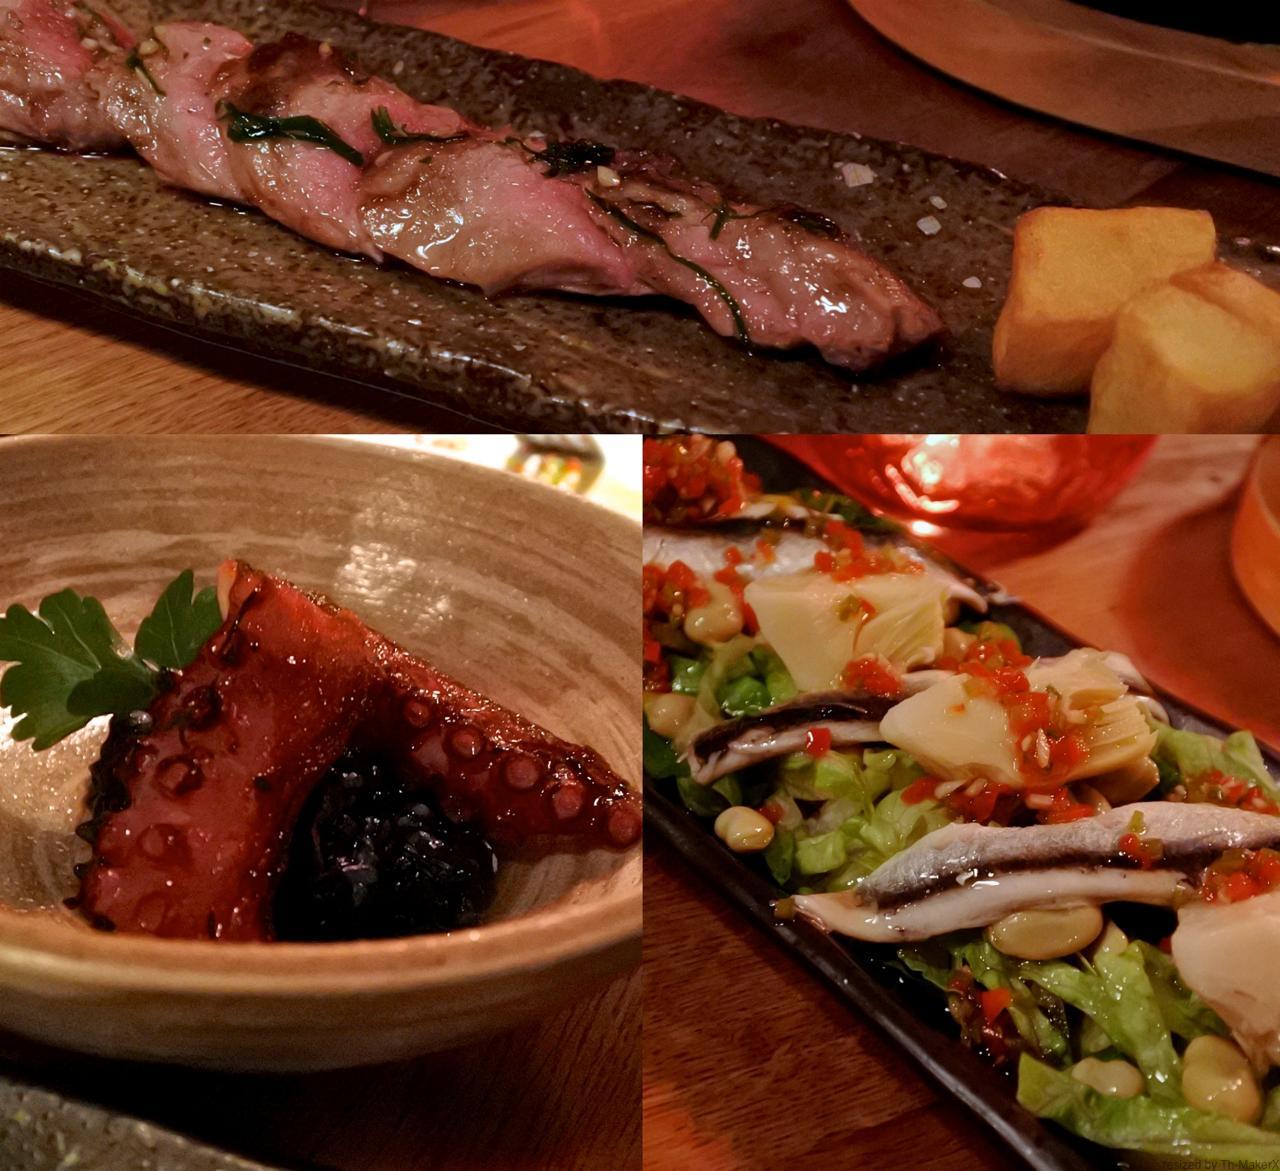 イベリコ豚のグリドル焼き、ボケロネスのサラダ、タコとイカスミご飯、ぜんぶ美味しいです♪